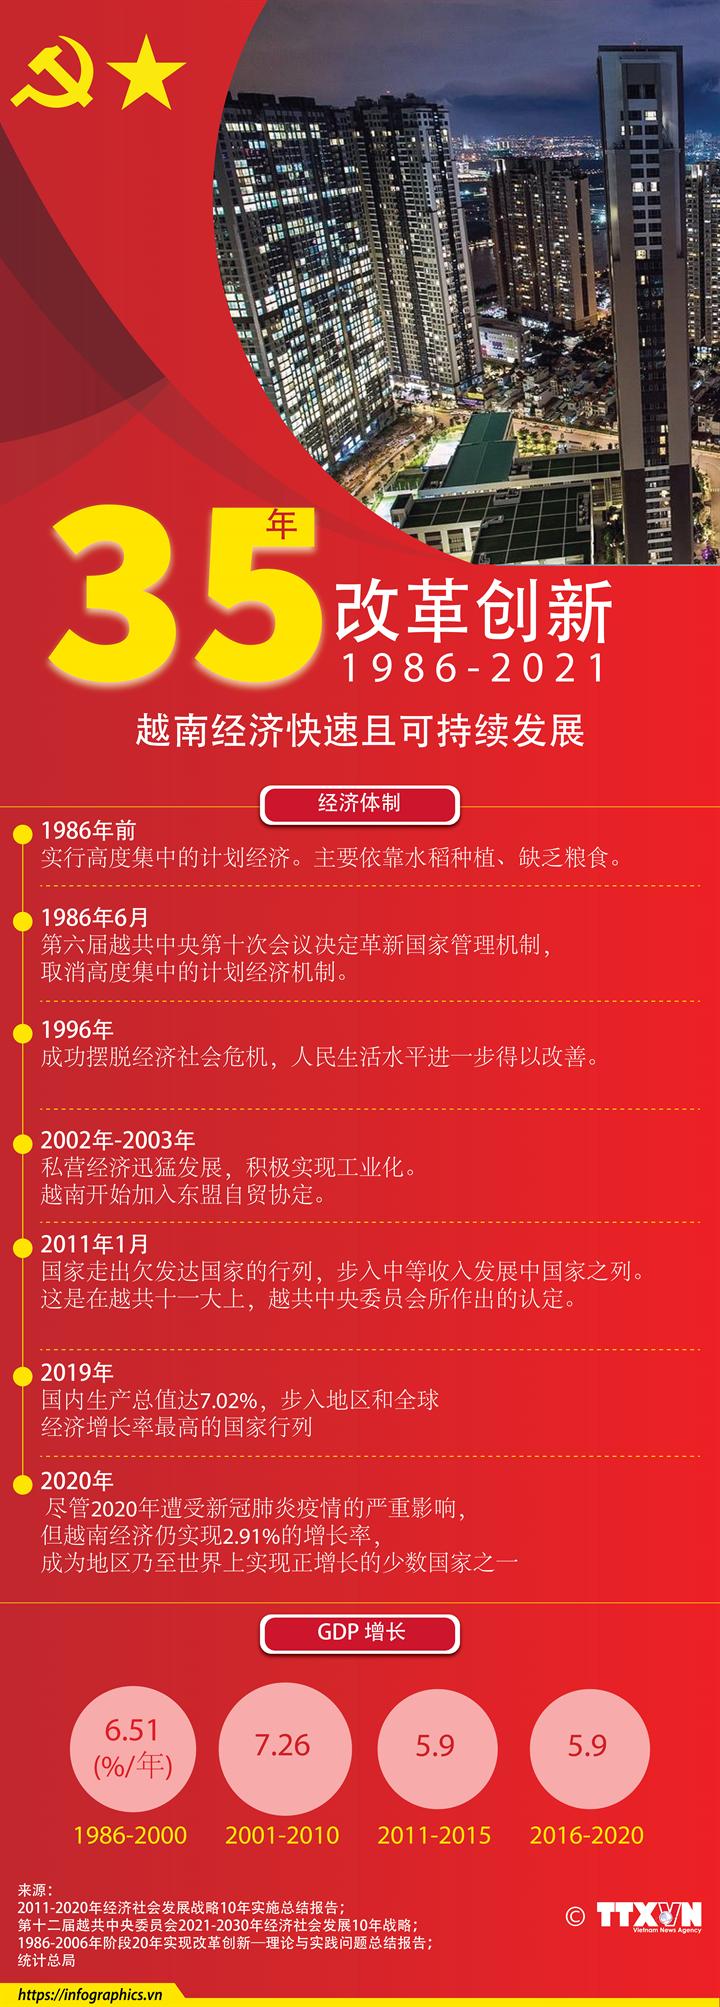 35年实现改革创新后越南经济快速且可持续发展